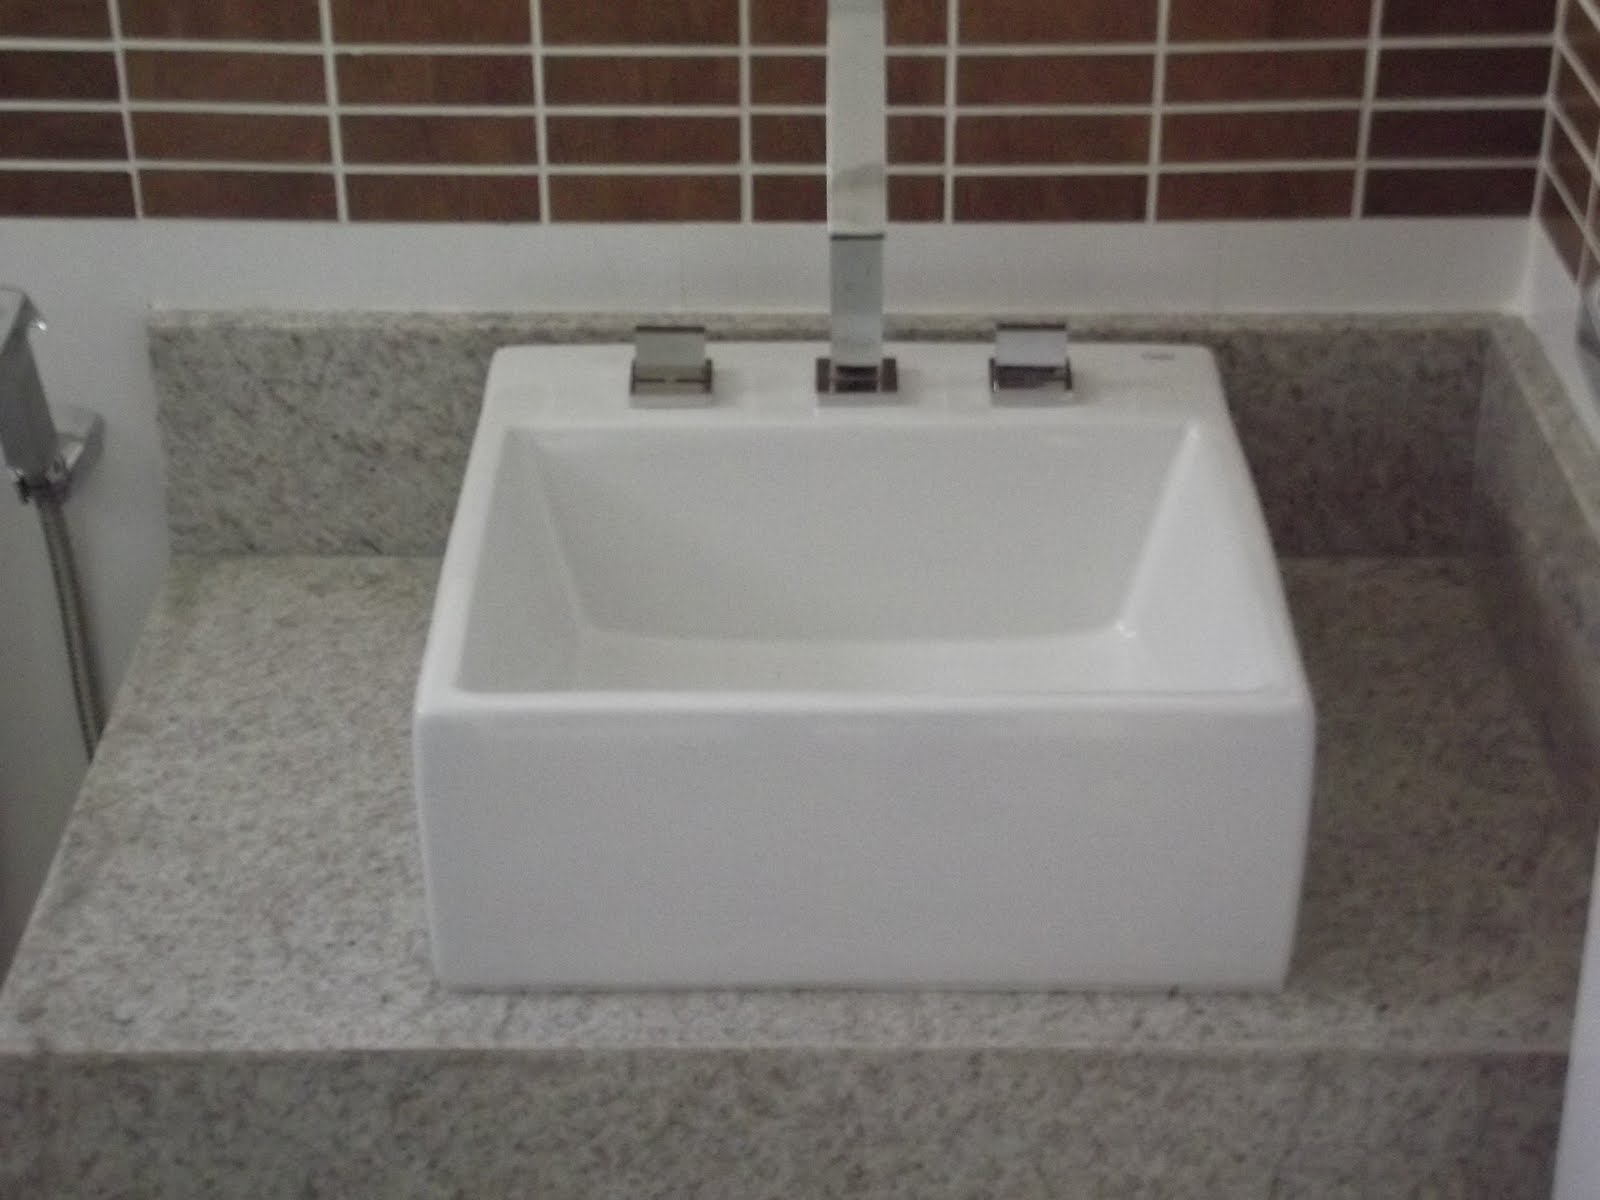 Nicho de Banheiro em Granito Cacau Show #453732 1600x1200 Bancada Banheiro Branco Siena